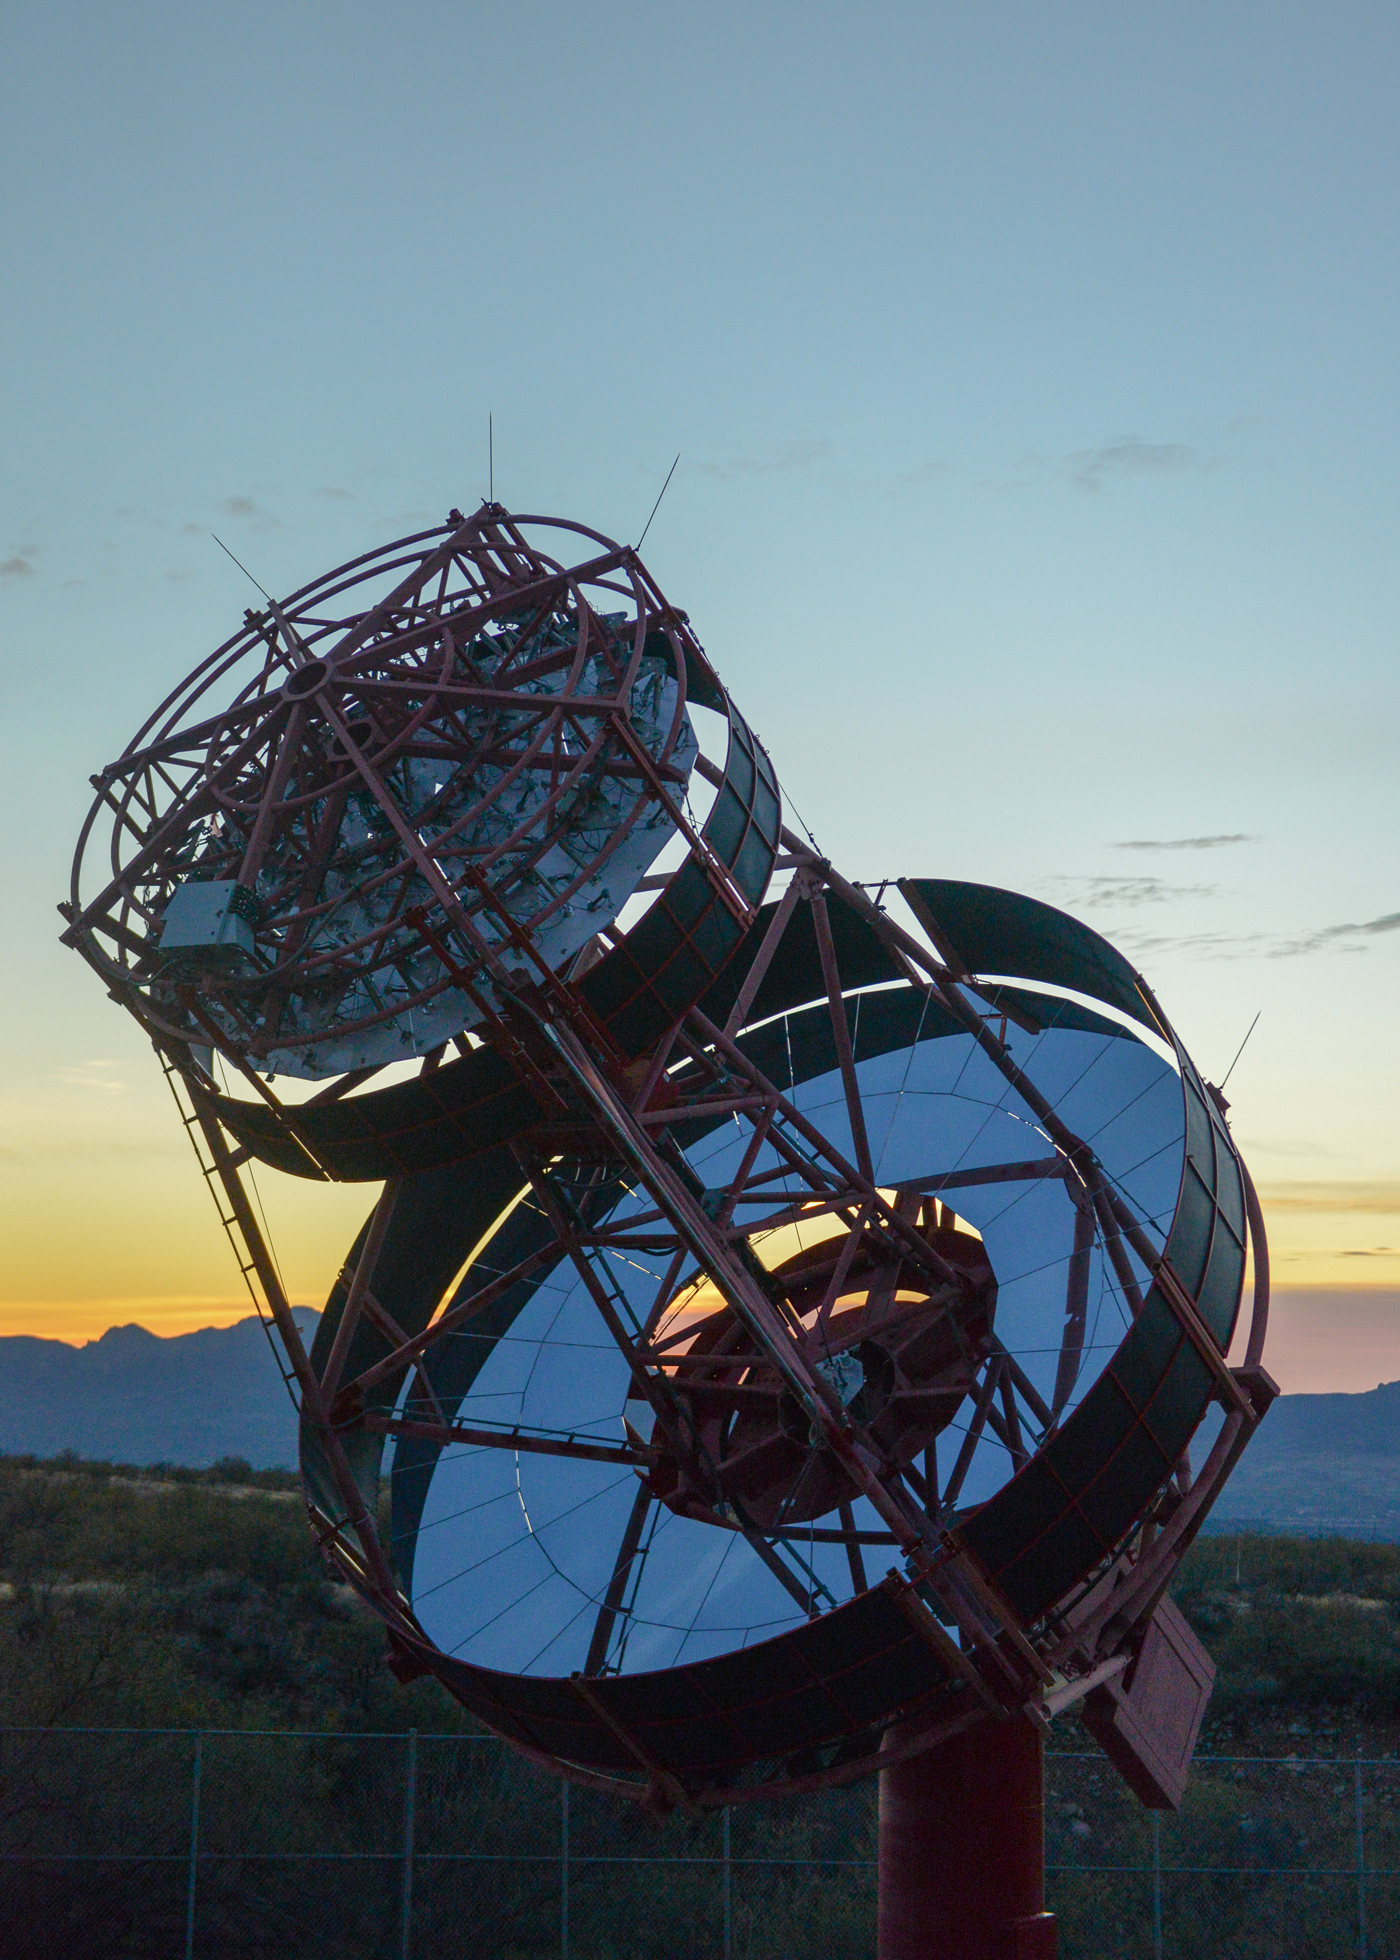 Cherenkov Telescope Array, pSCT - 01/17/2019